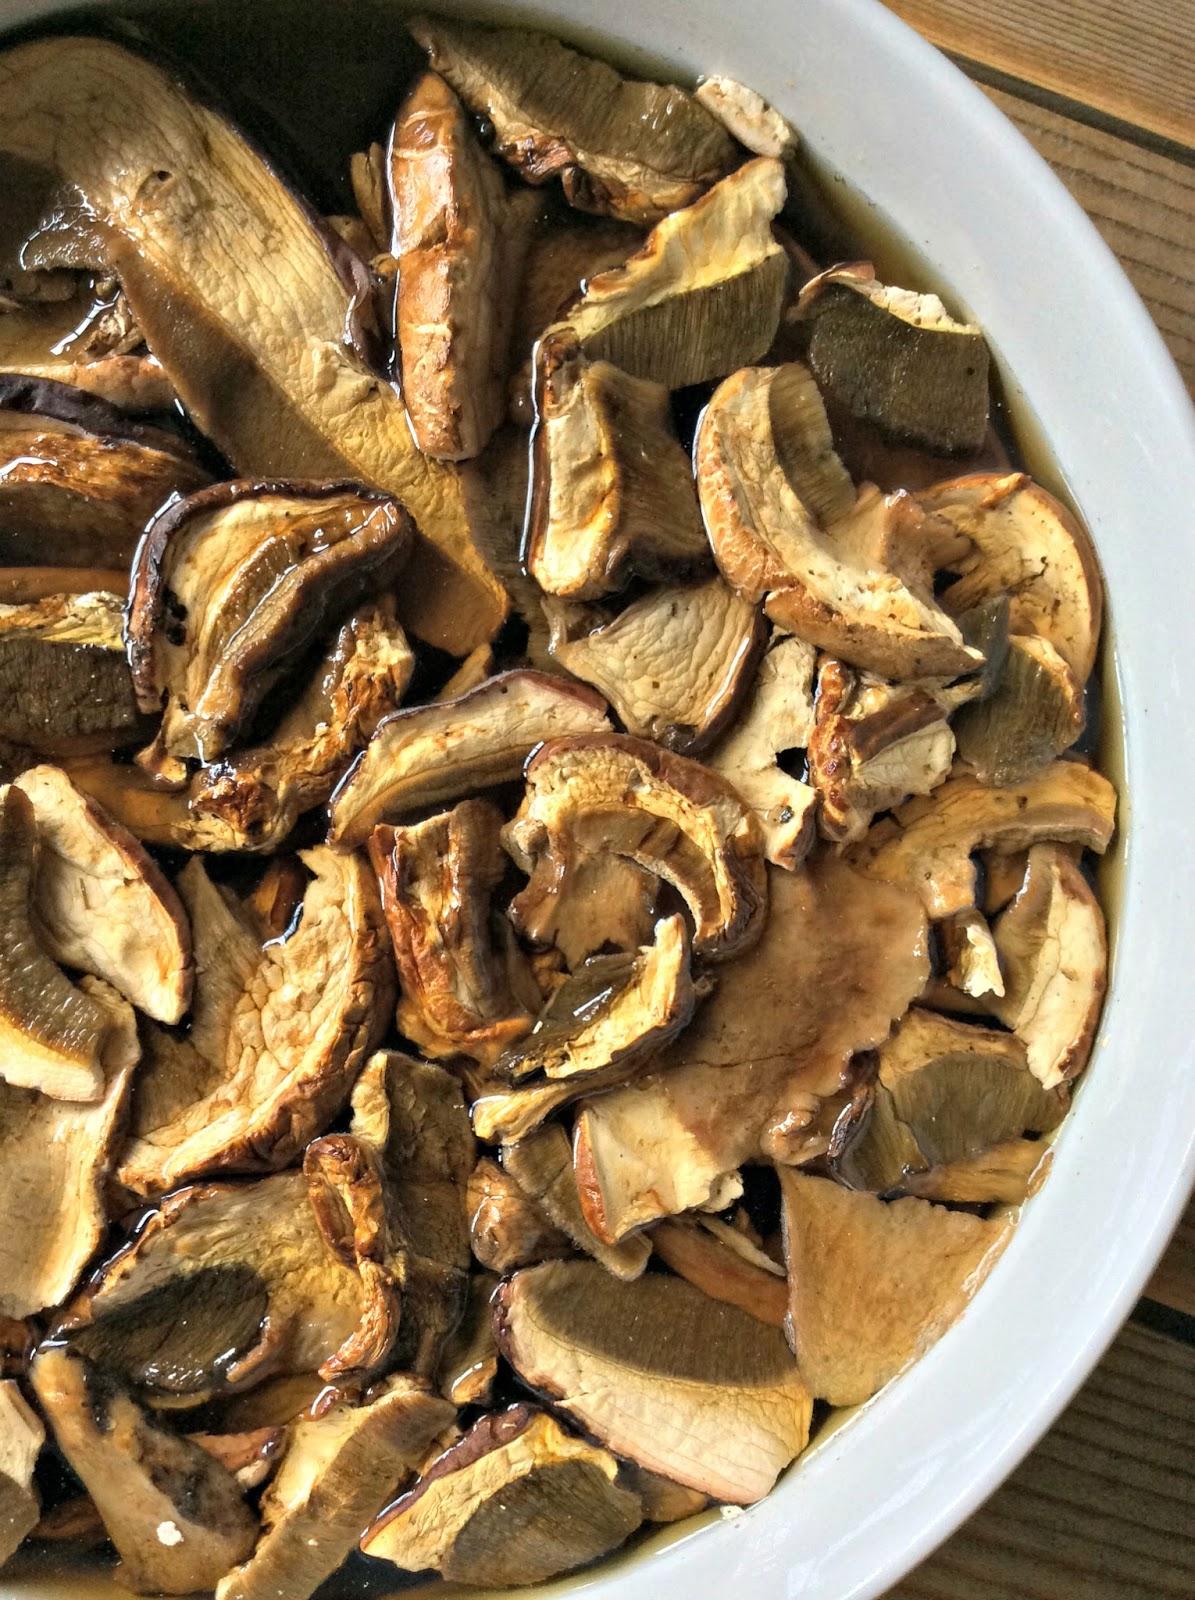 Faraona con funghi porcini salsiccia e grappa fuori la neve briciole di sapori - Funghi secchi a bagno ...